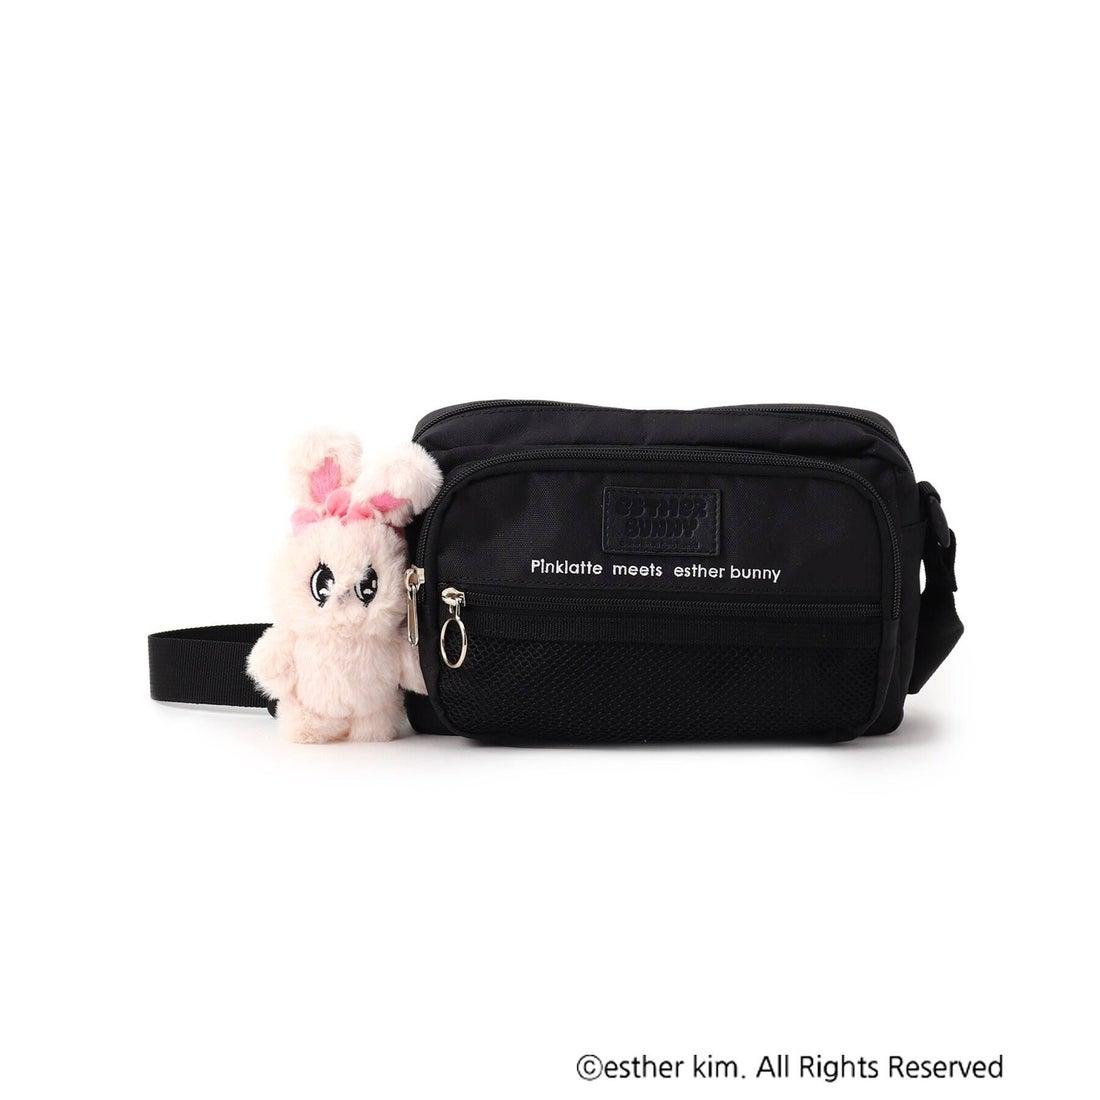 ピンク ラテ PINK-latte 【ESTHER BUNNY】ぬいぐるみ付ショルダーバッグ (ブラック)